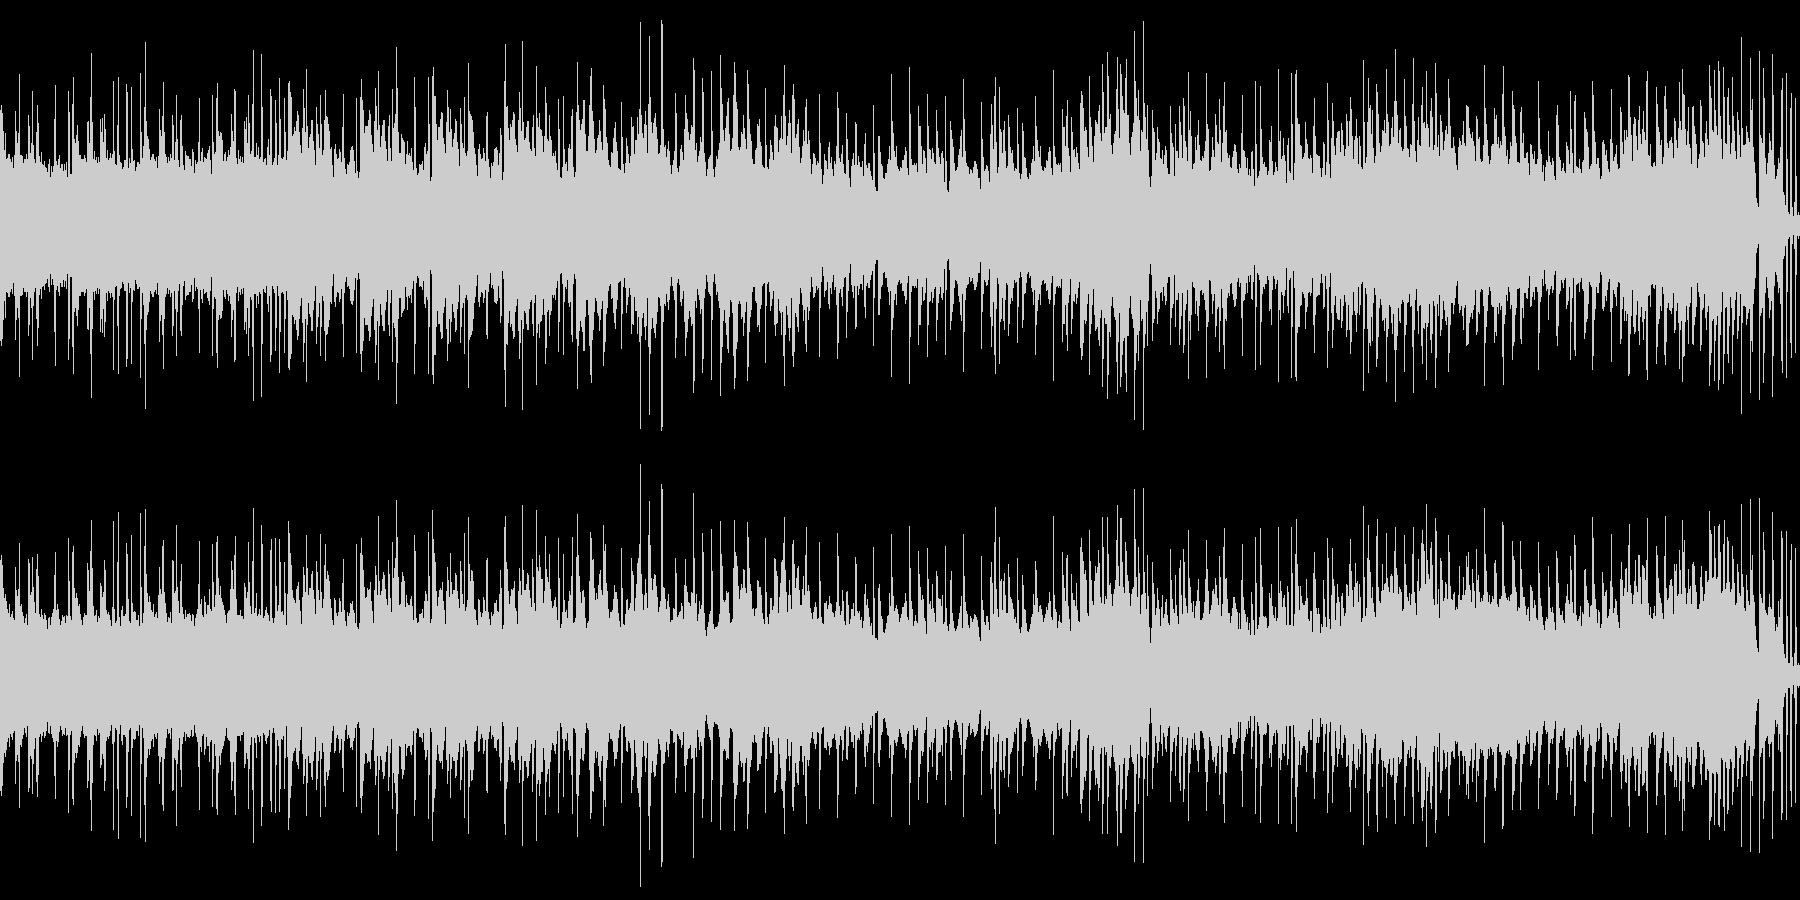 8bit 勇壮ポップファンタジー ループの未再生の波形